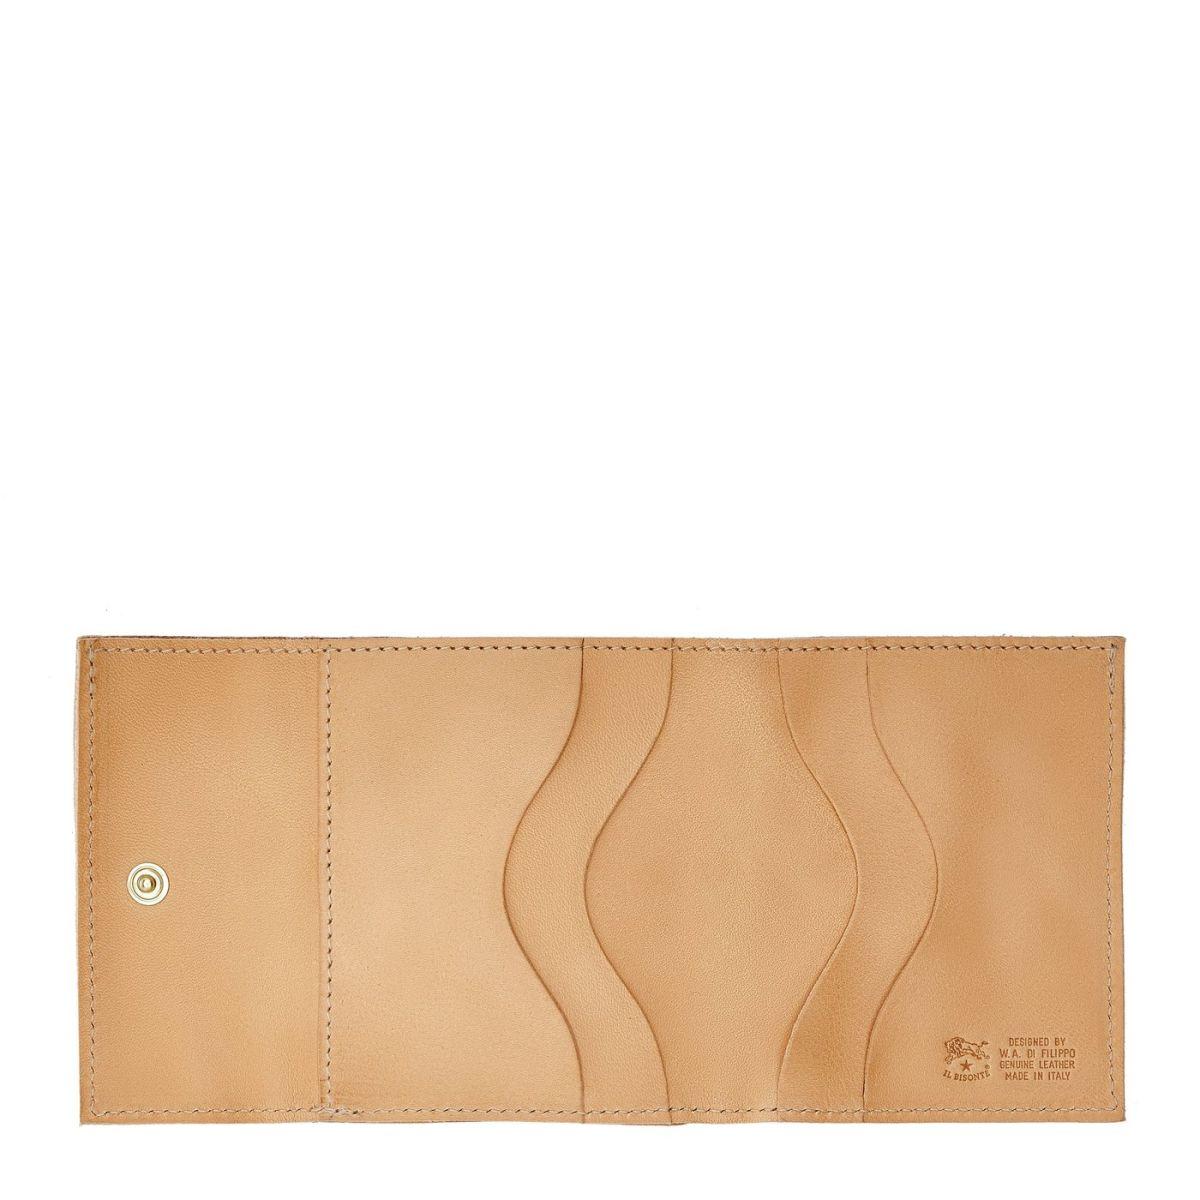 Portefeuille  en Cuir De Vachette Doublé SMW022 couleur Naturel | Details